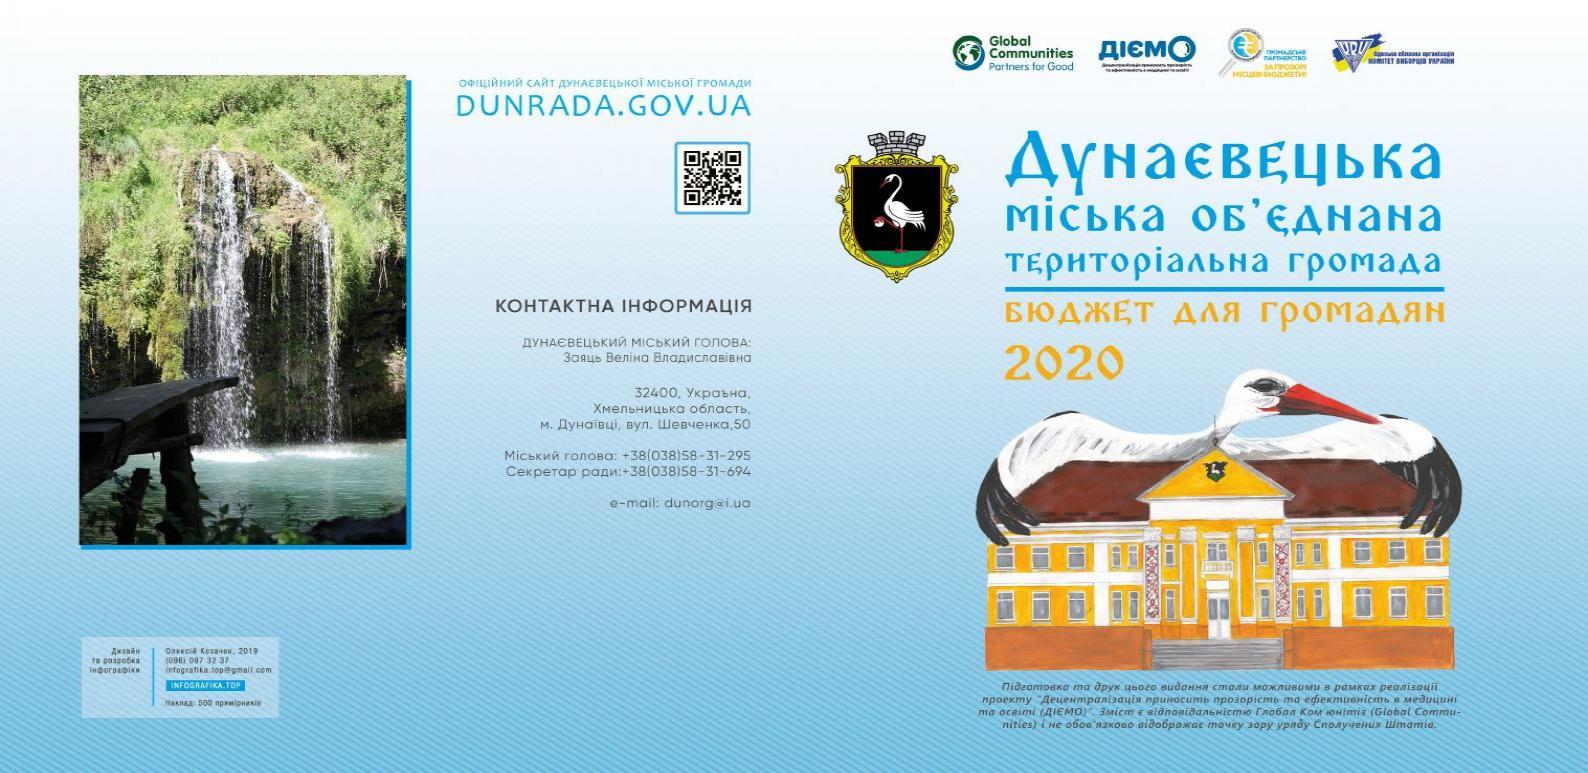 http://dunrada.gov.ua/uploadfile/archive_news/2020/06/26/2020-06-26_9236/images/images-54502.jpg